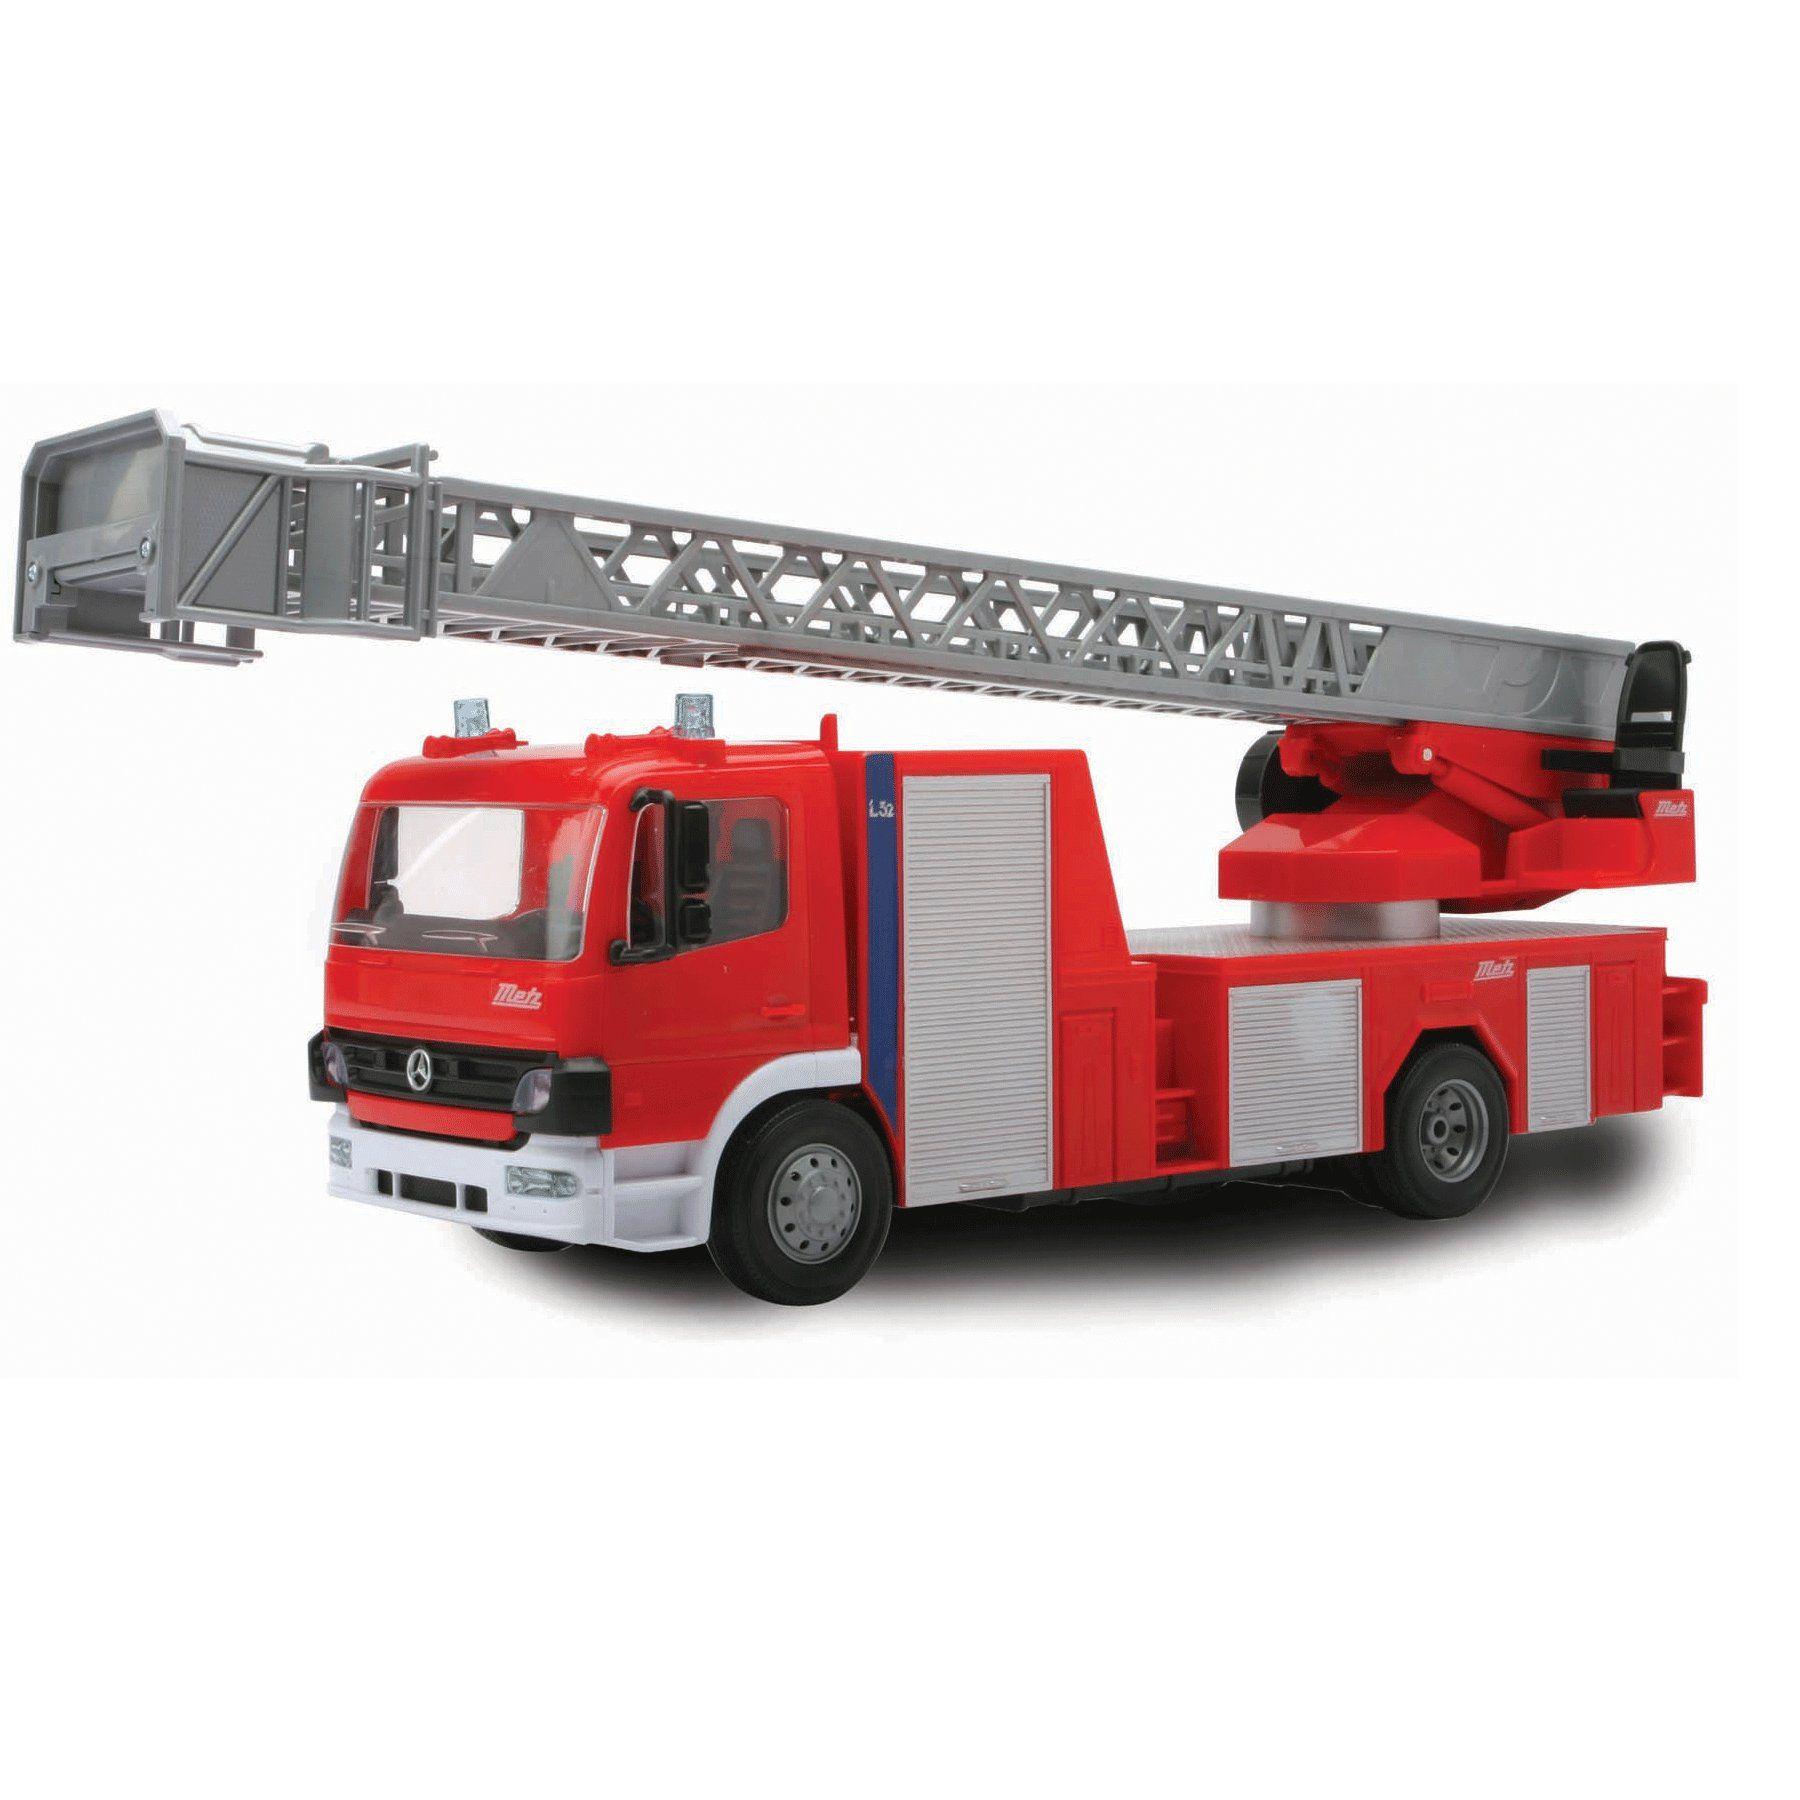 Camion De Pompier : Coloriage Gratuit D'un Camion De Pompier intérieur Jeux De Camion De Pompier Gratuit